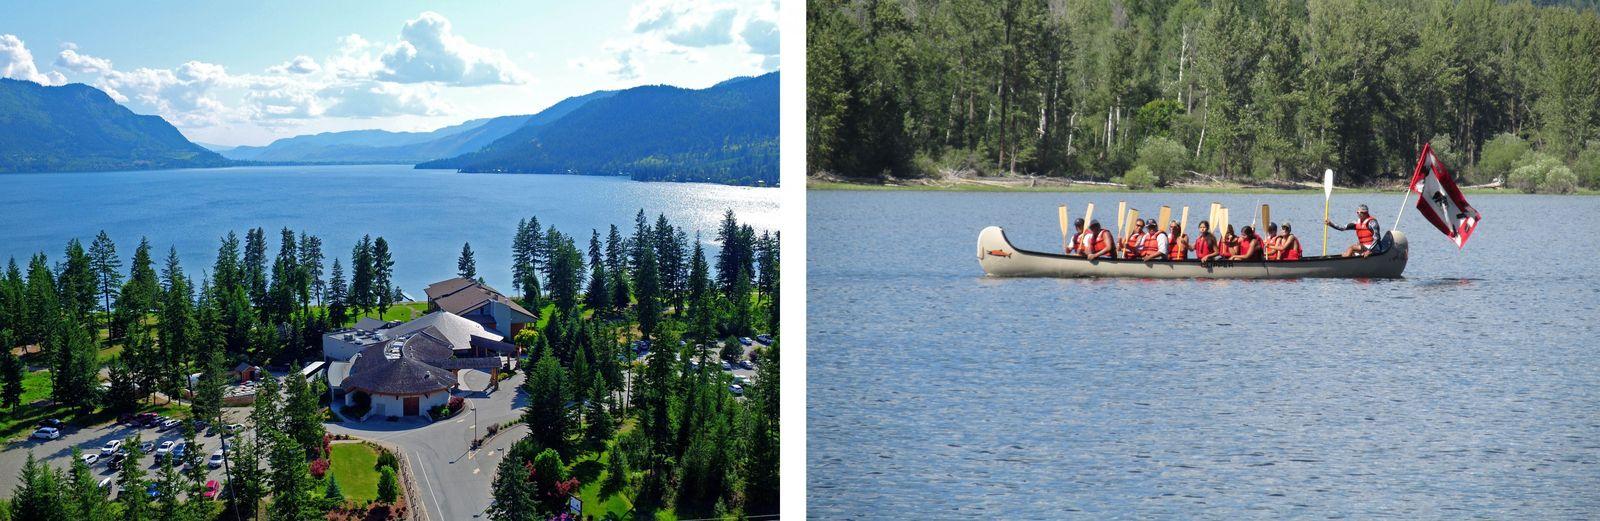 LINKS: Gäste können in der Quaaout Lodge and Spa am Shuswap Lake, British Columbia, authentische indigene ...